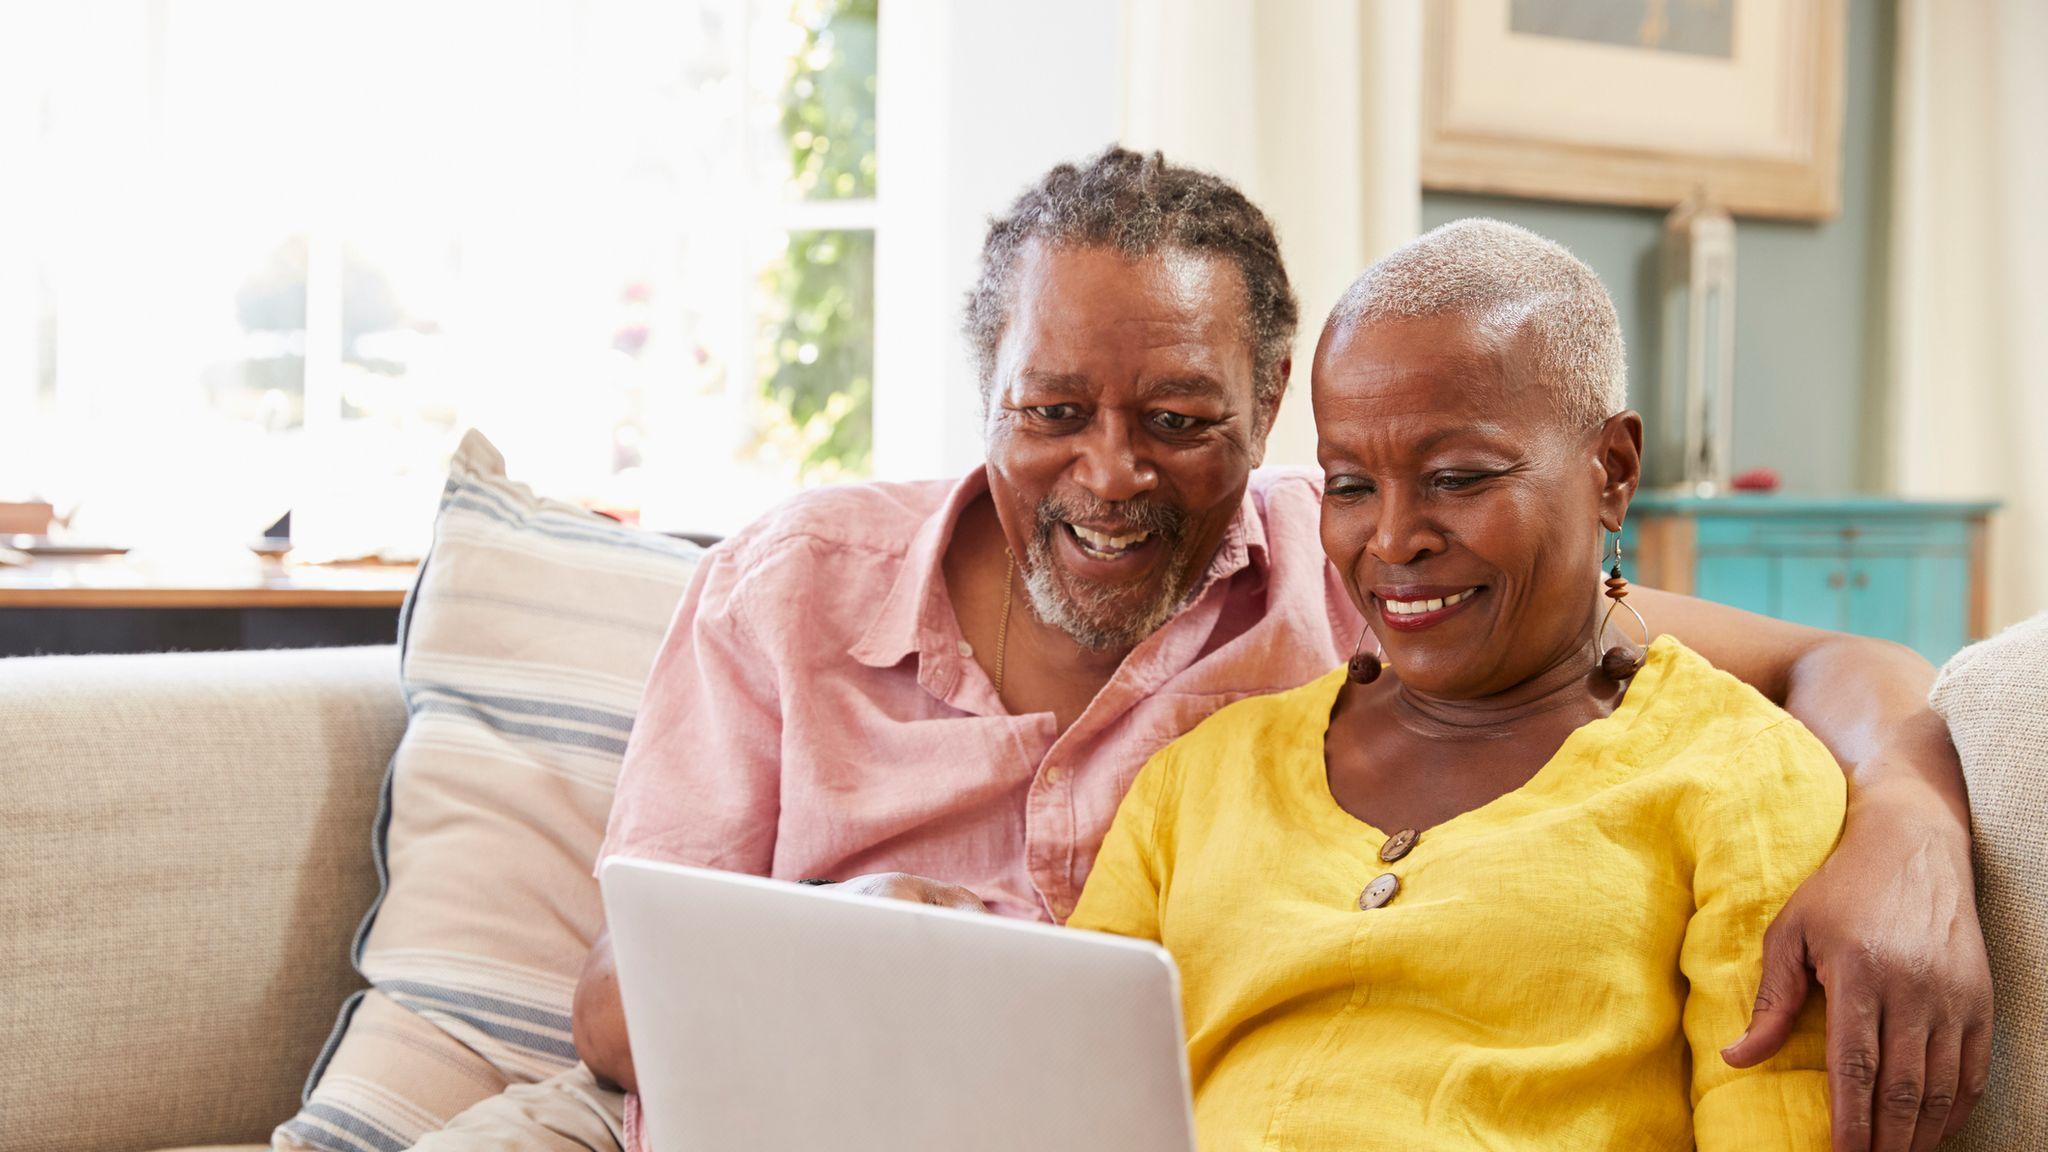 skynews-old-people-online-computer_4743787.jpg